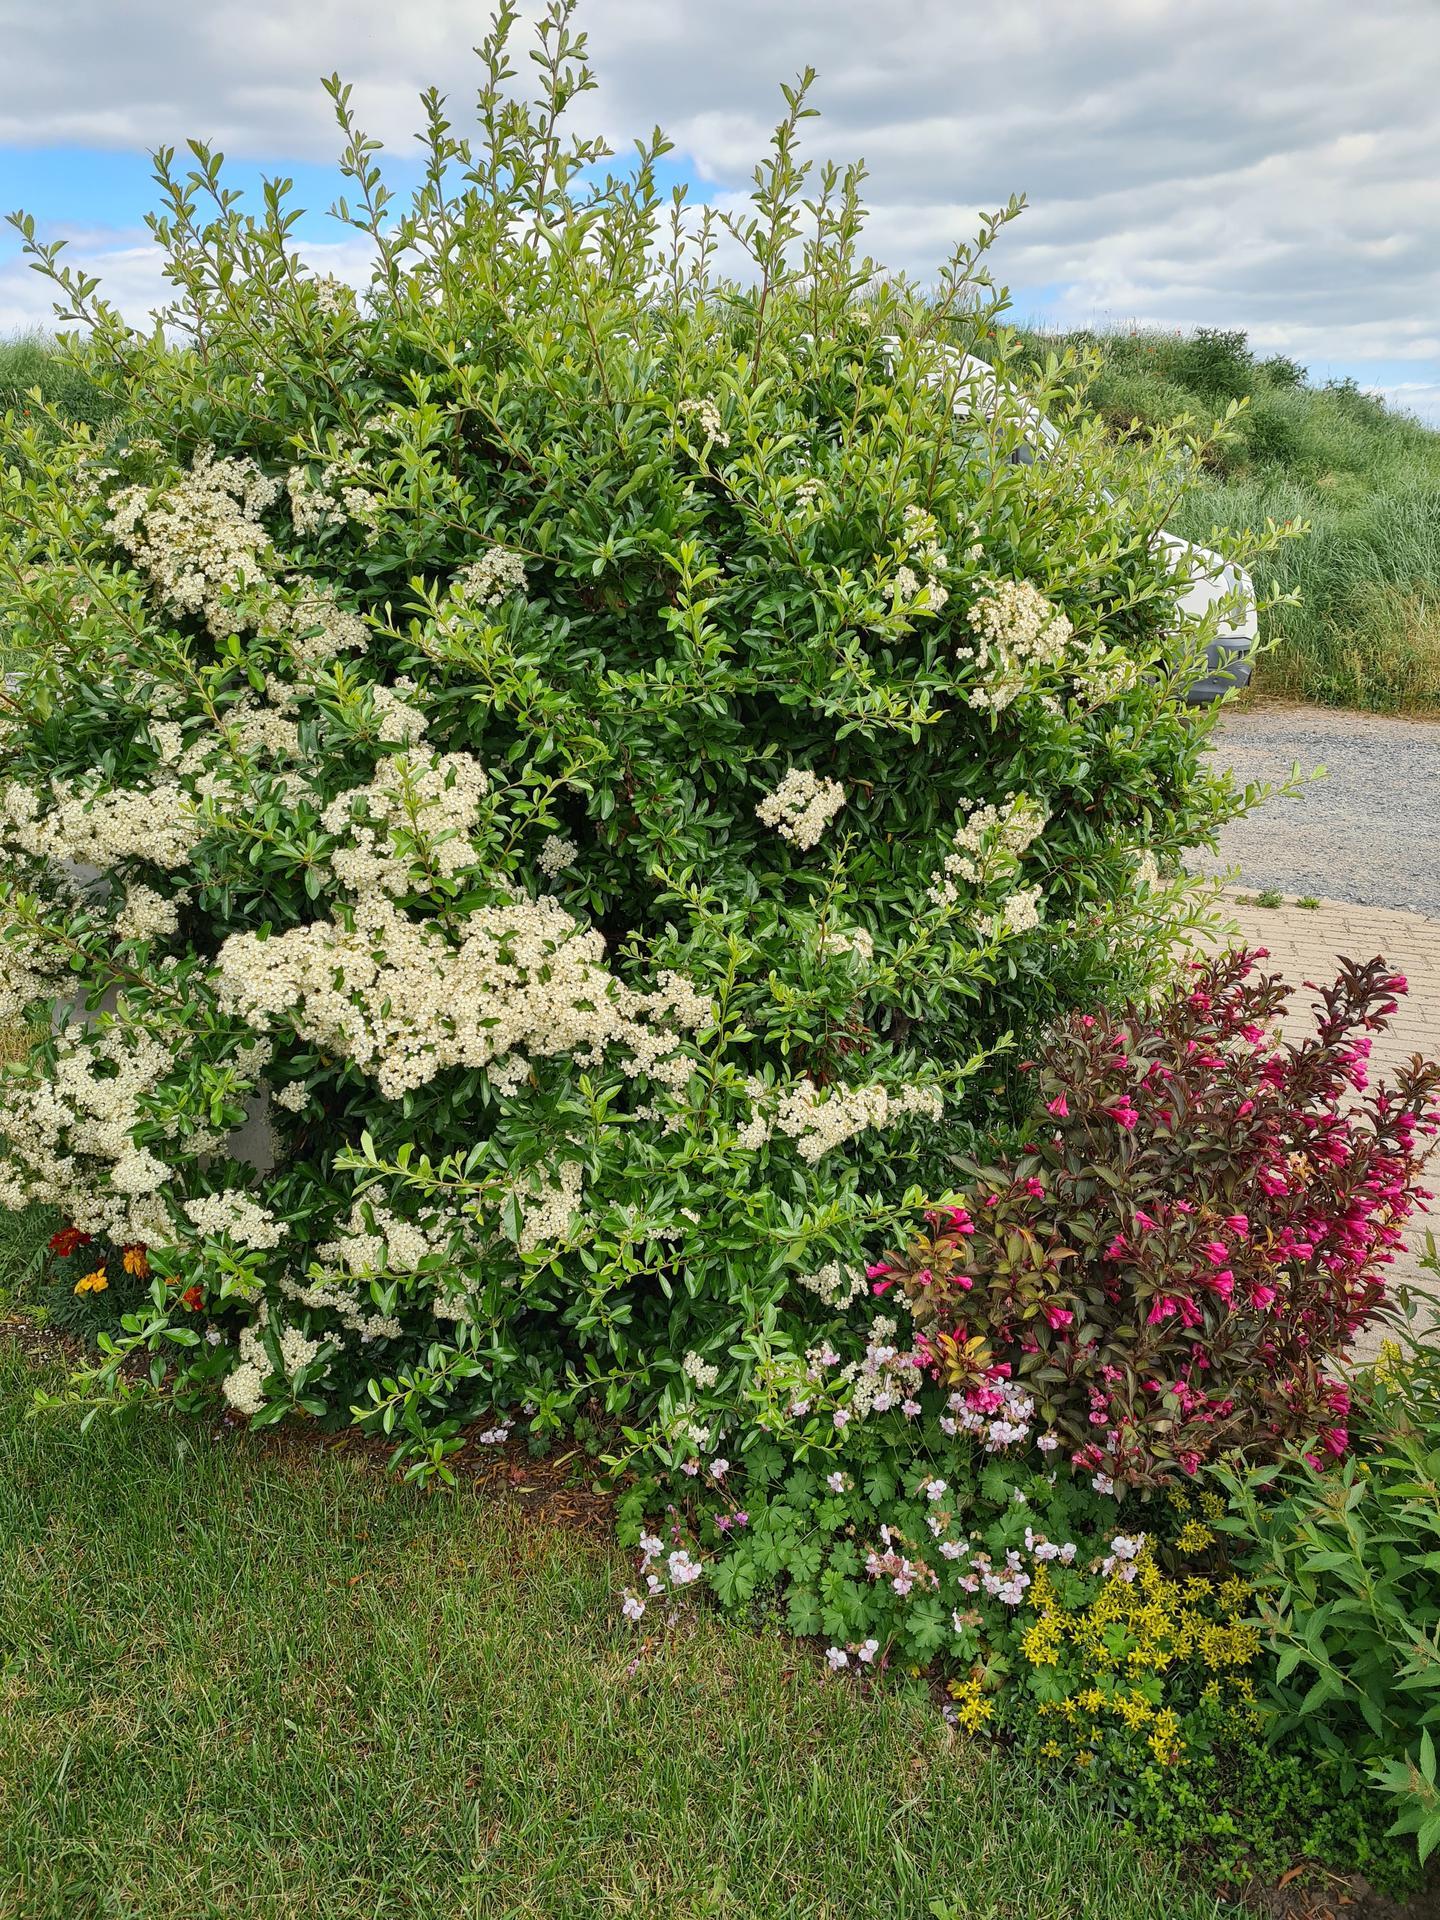 Naša záhradka 2021 - Kvitne hlohyne a vajgelie